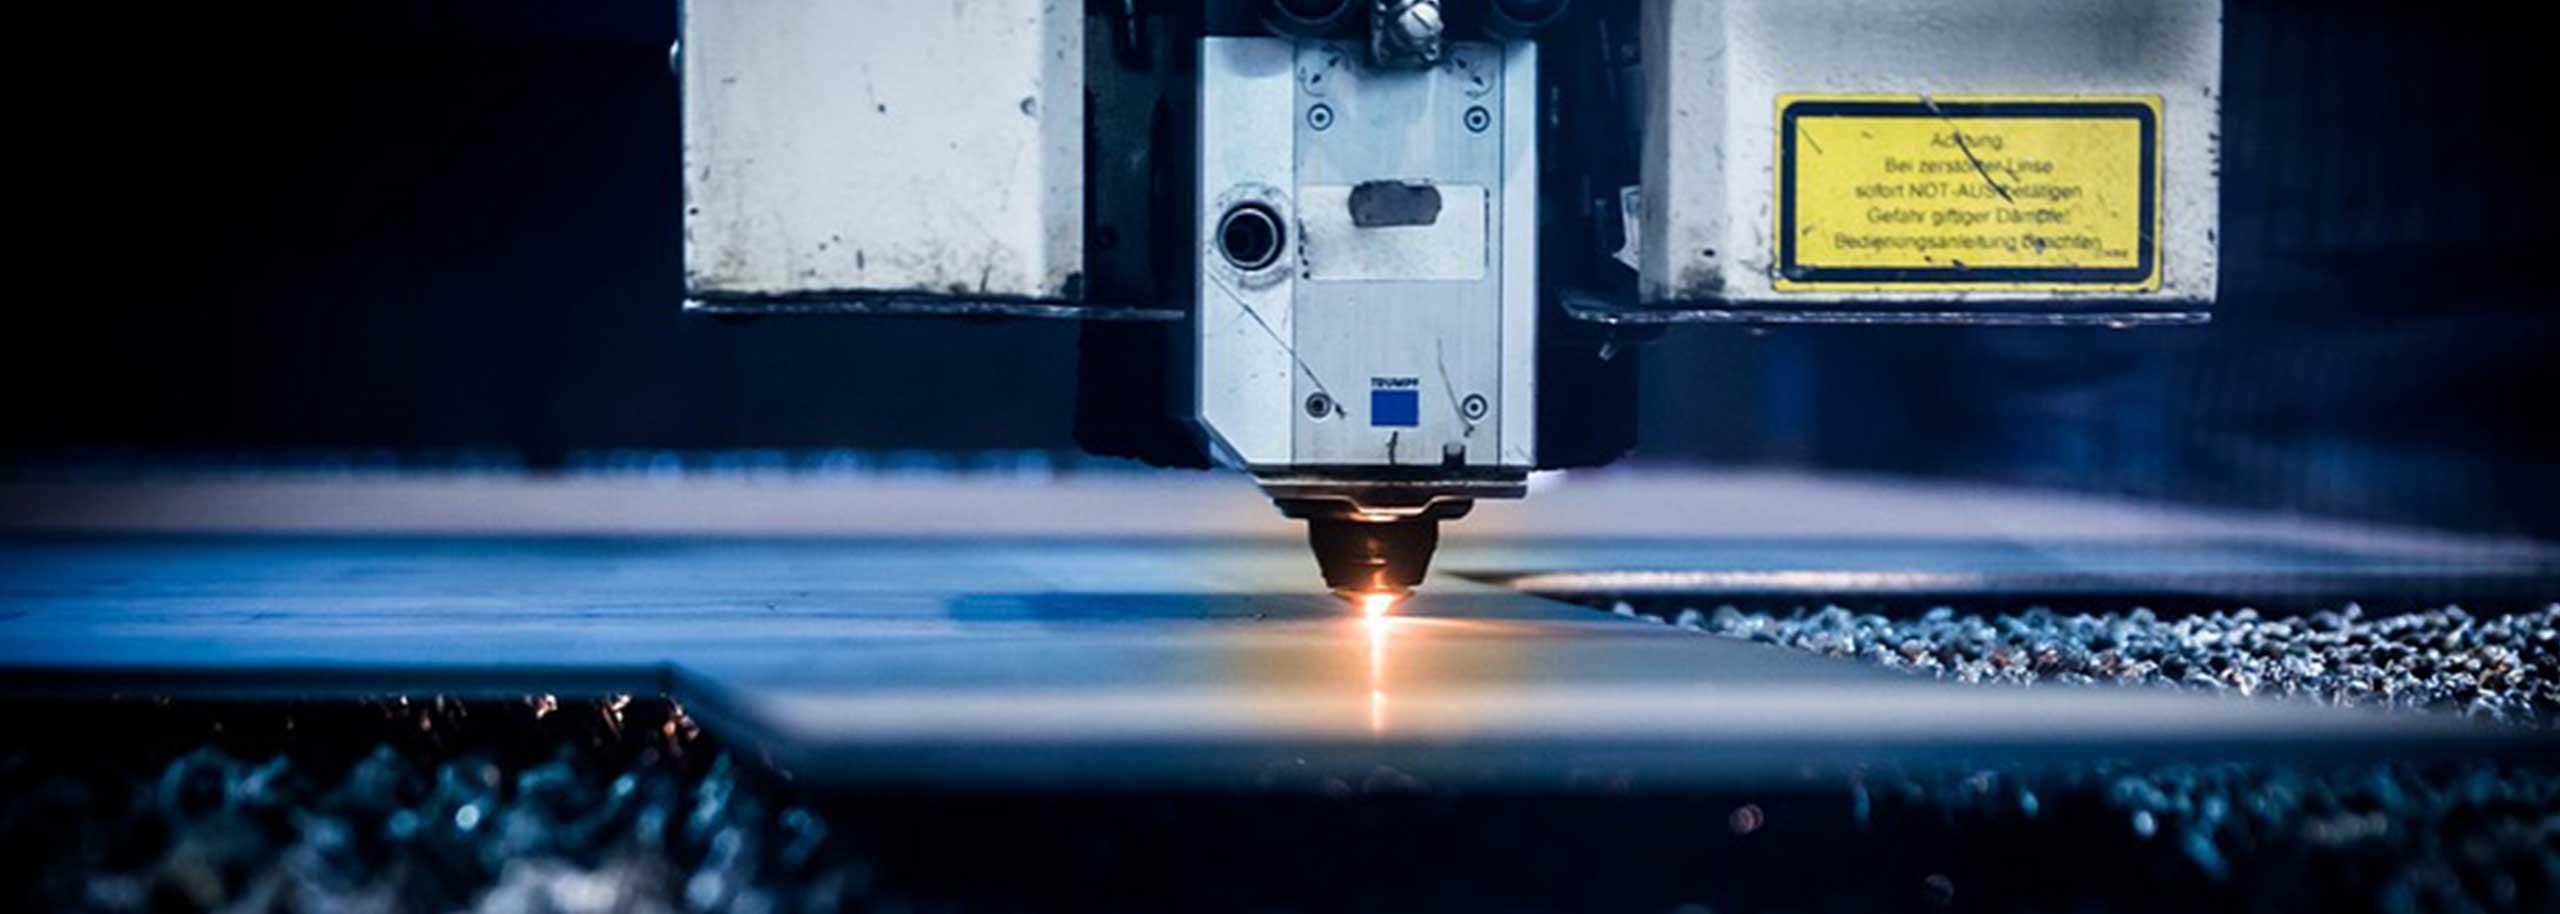 Objets publicitaires personnalisés en gravure laser